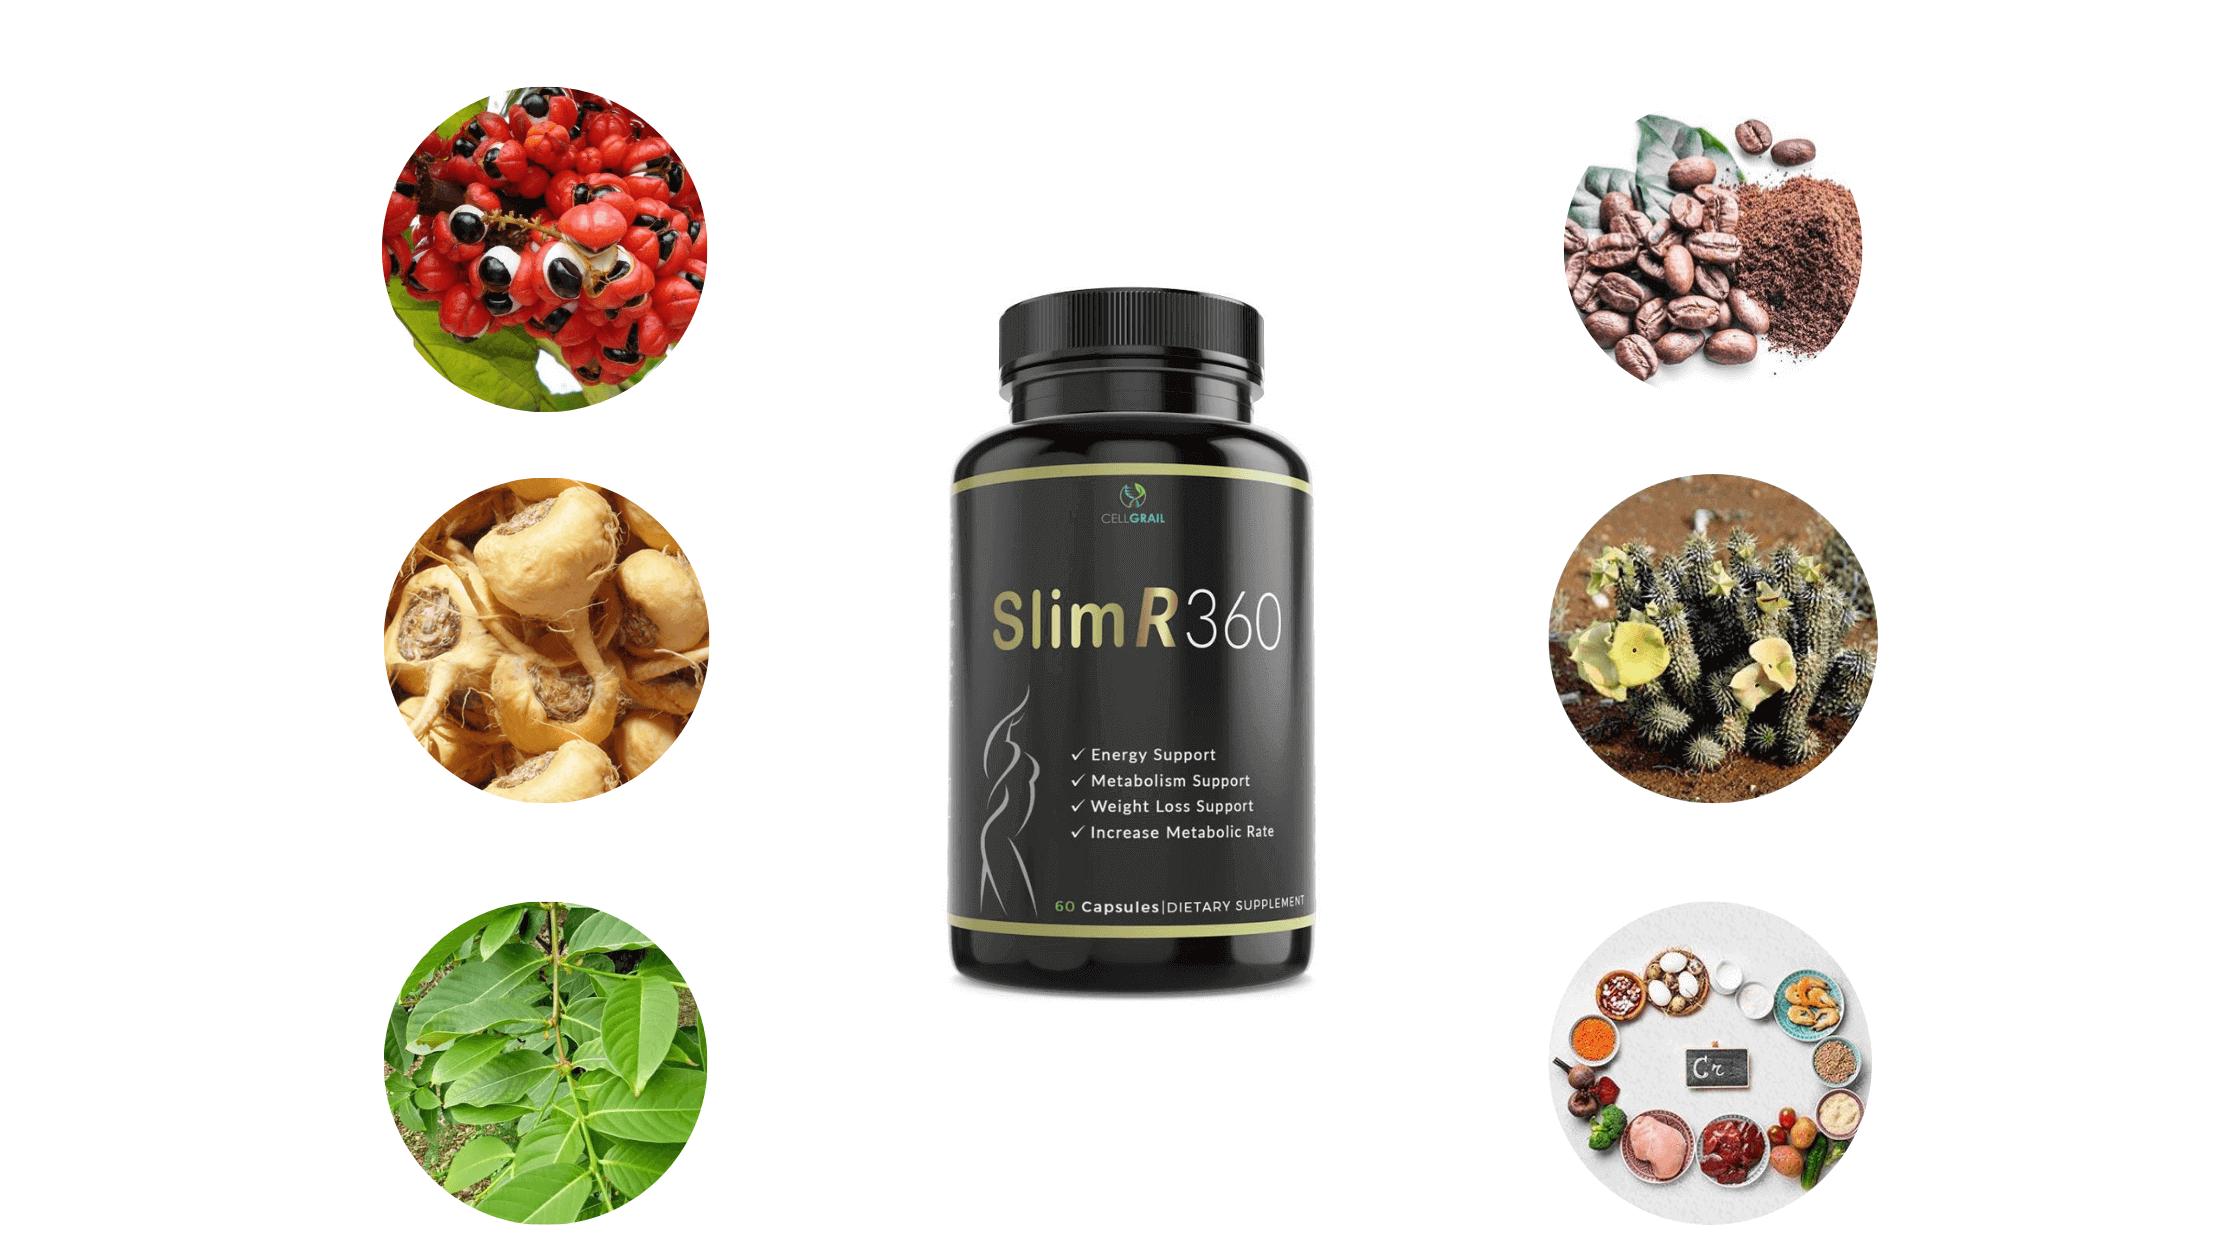 Slim R 360 Supplement Ingredients